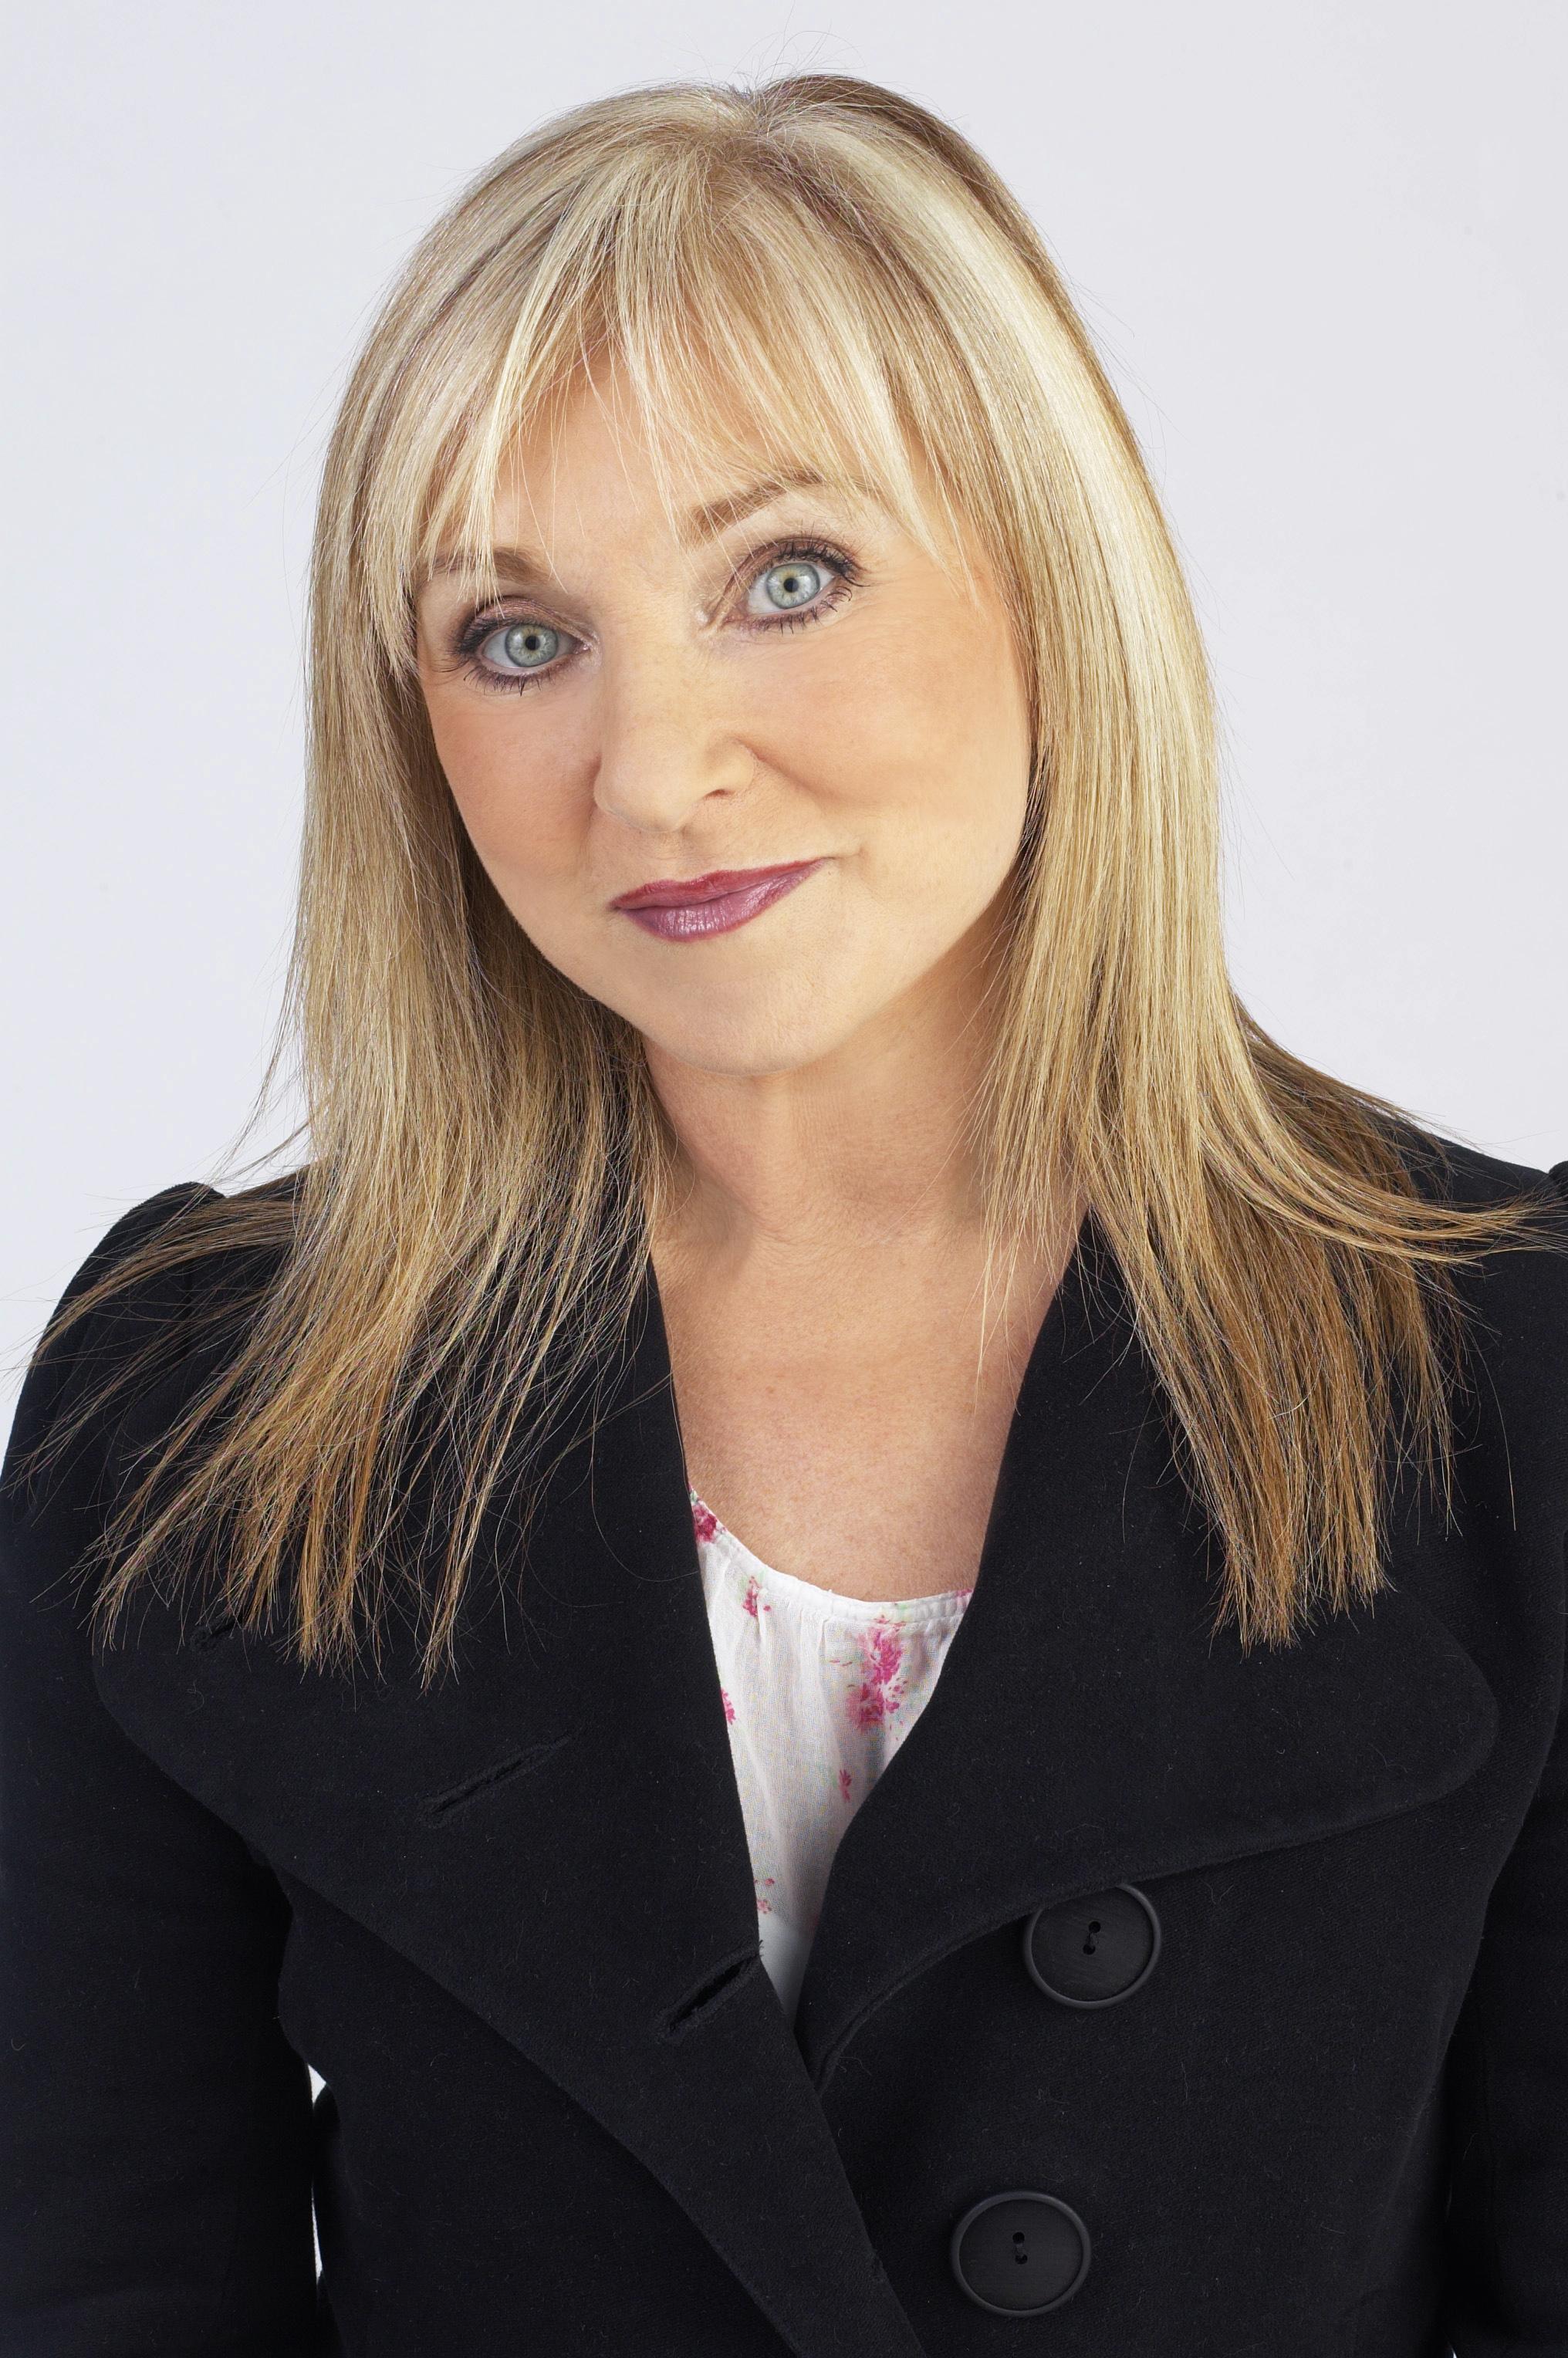 Helen Lederer (born 1954)